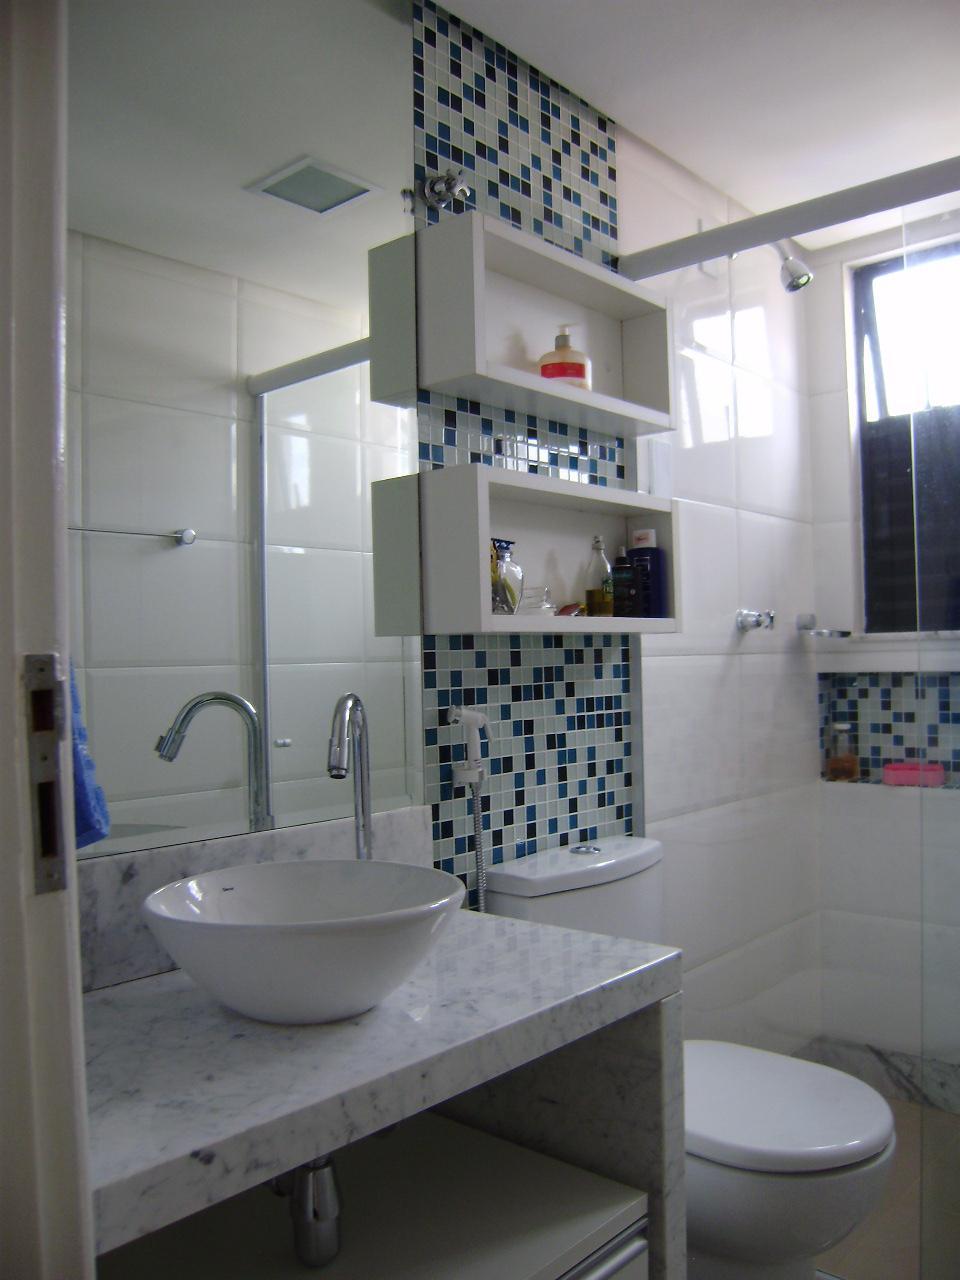 Dicas de Decoração para Banheiros Pequen -> Banheiro Decorado Com Pastilhas Marrom